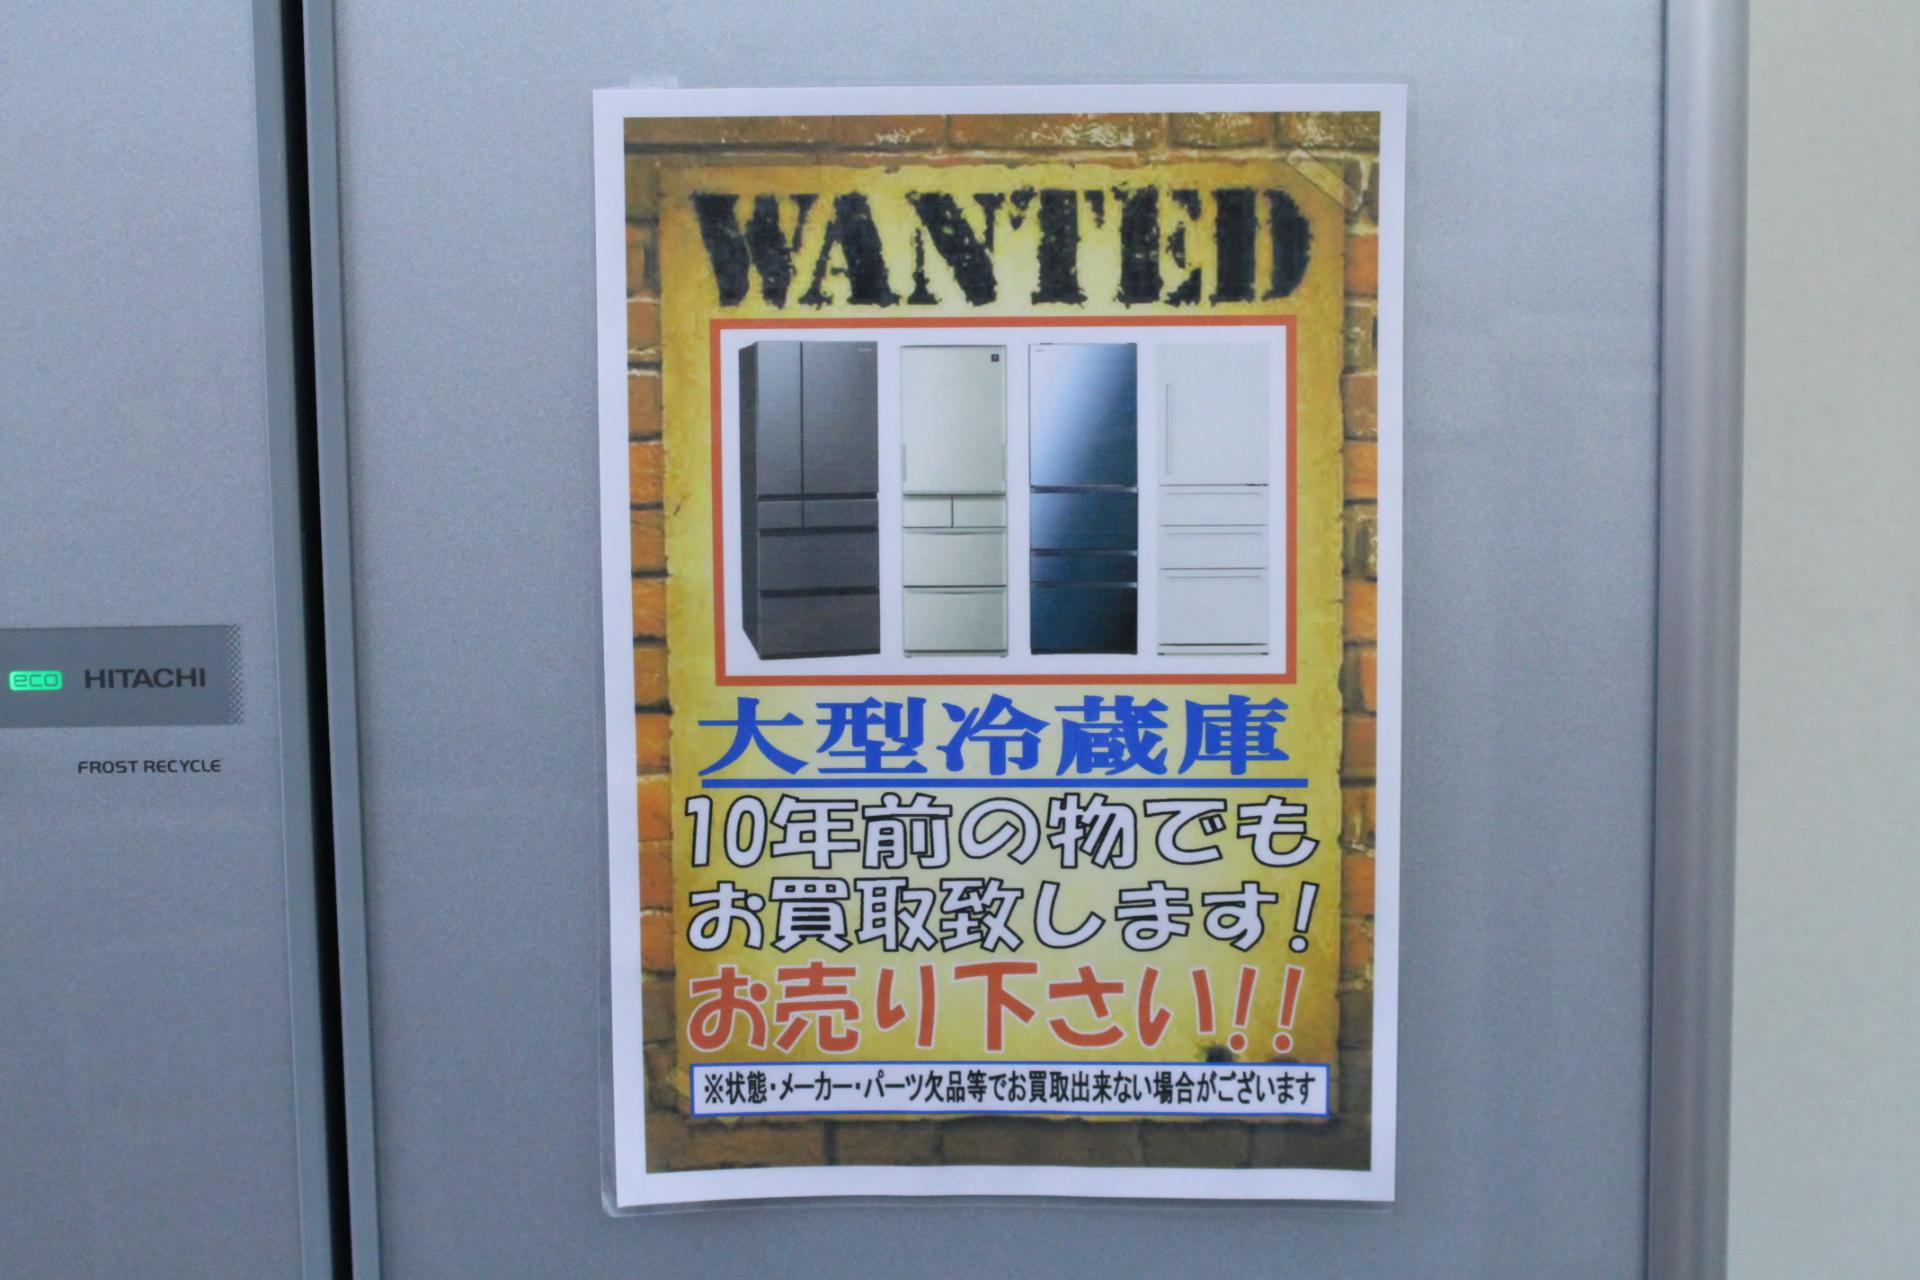 ☆大型冷蔵庫・ファミリー冷蔵庫☆強化買取中です!!!